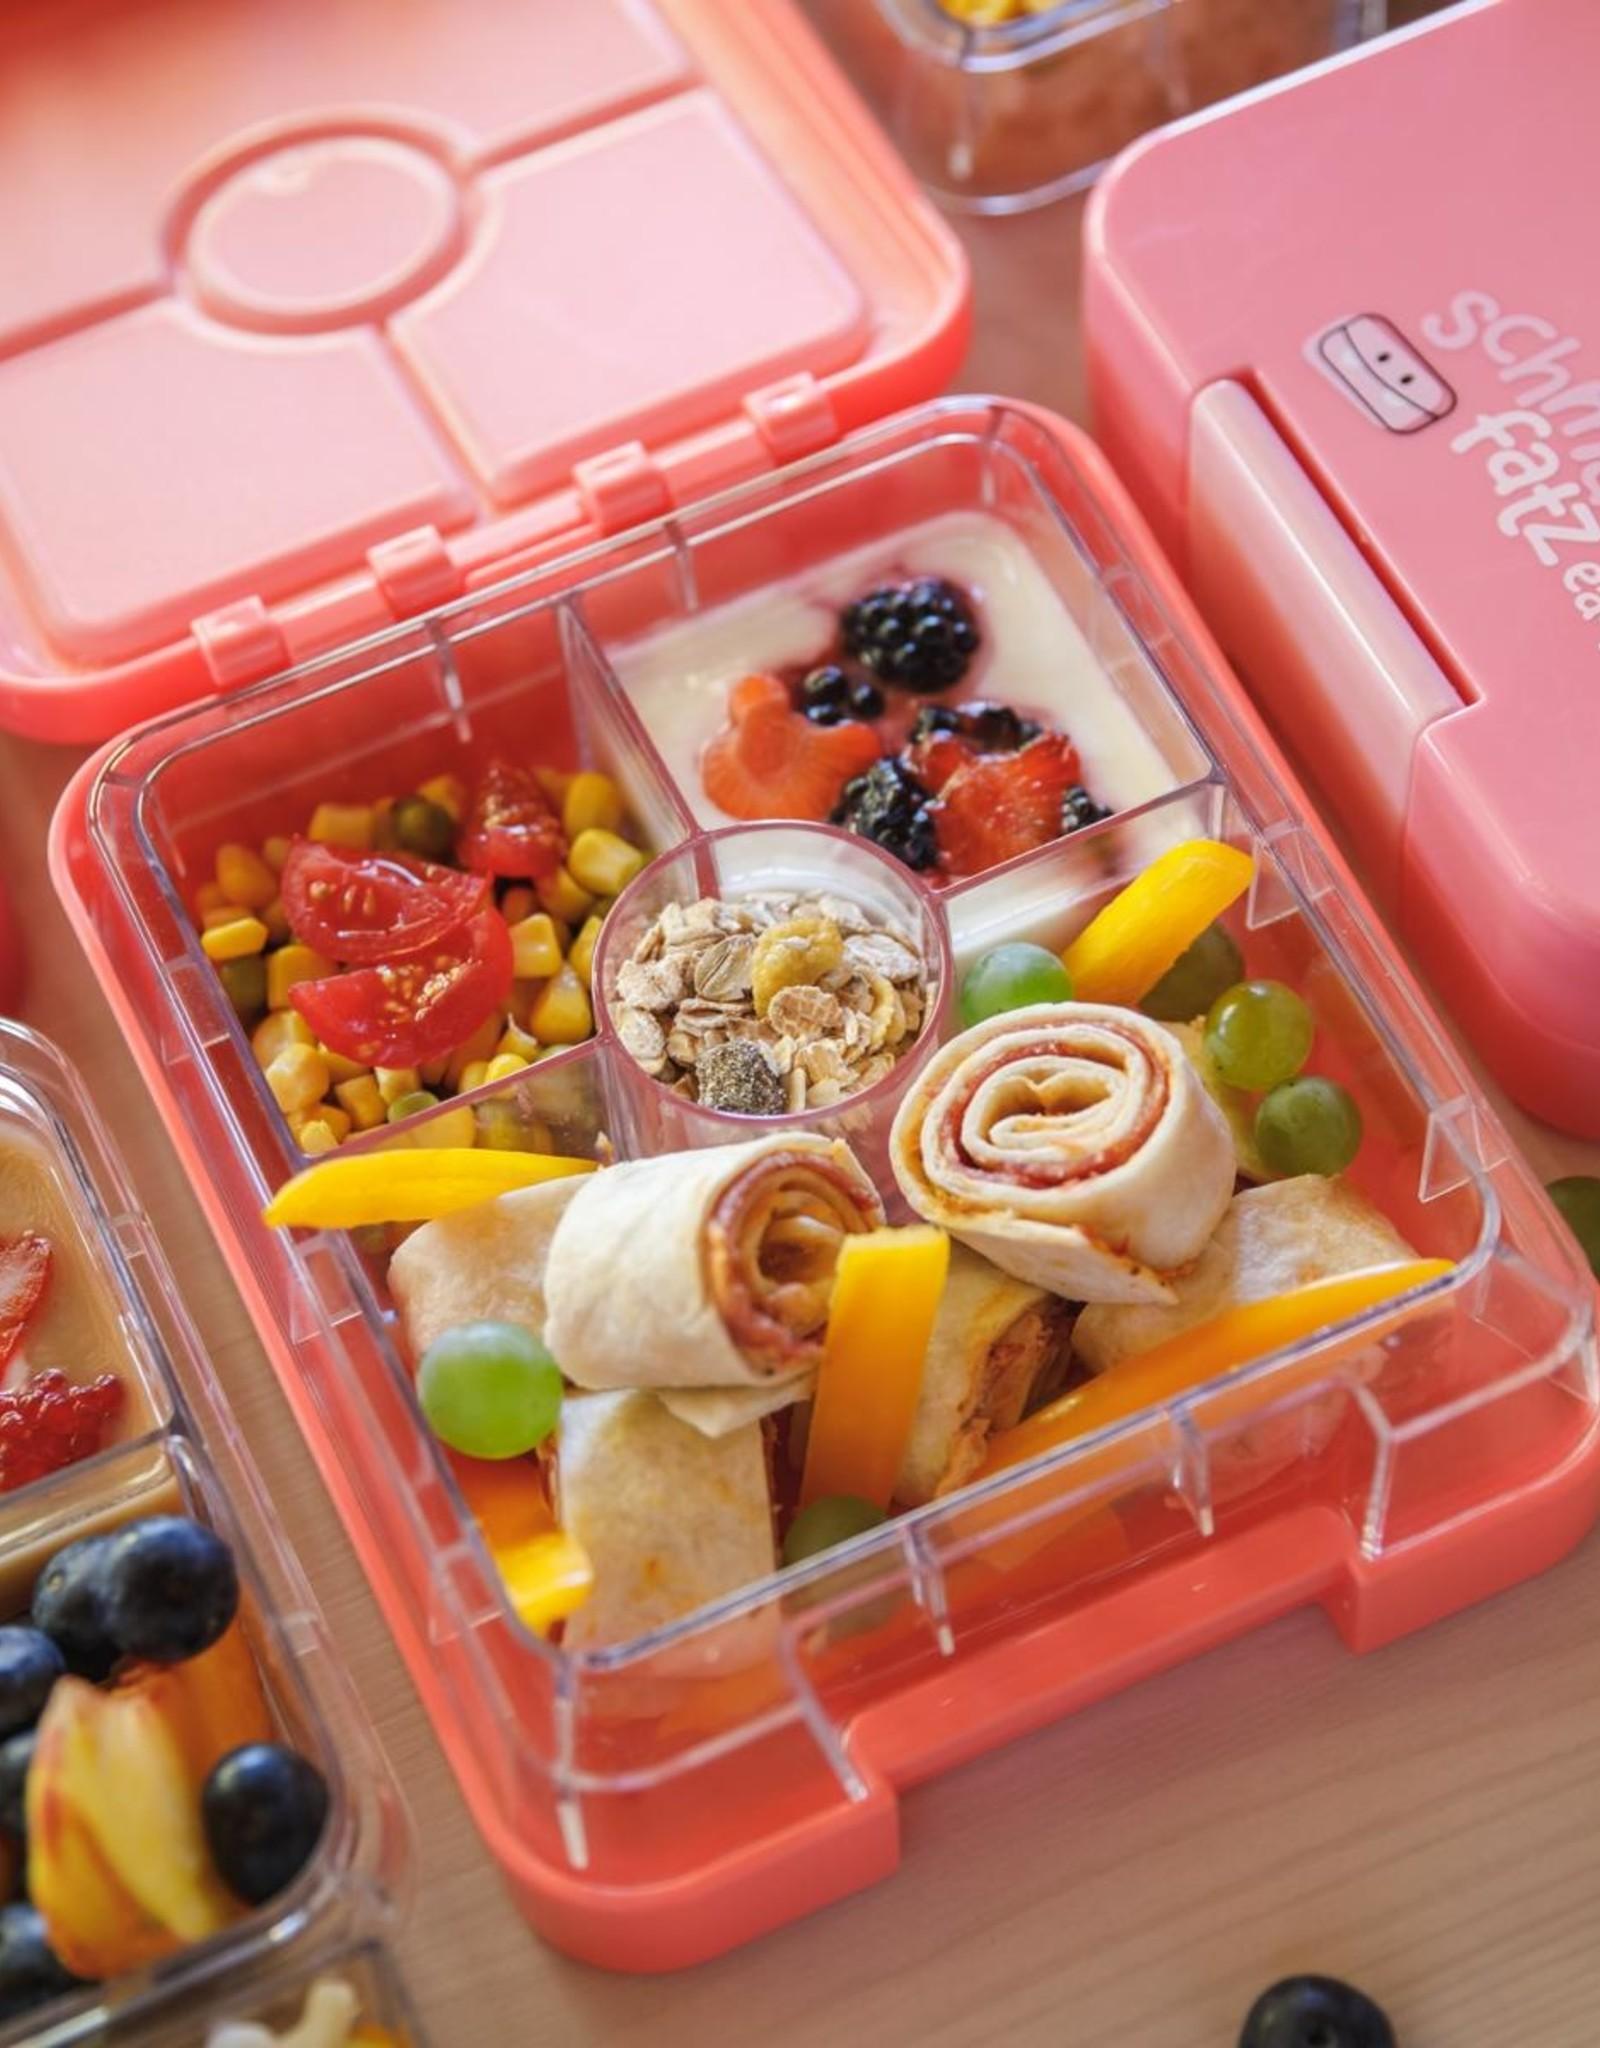 Schmatzfatz Schmatzfatz Easy Snackbox - Roze